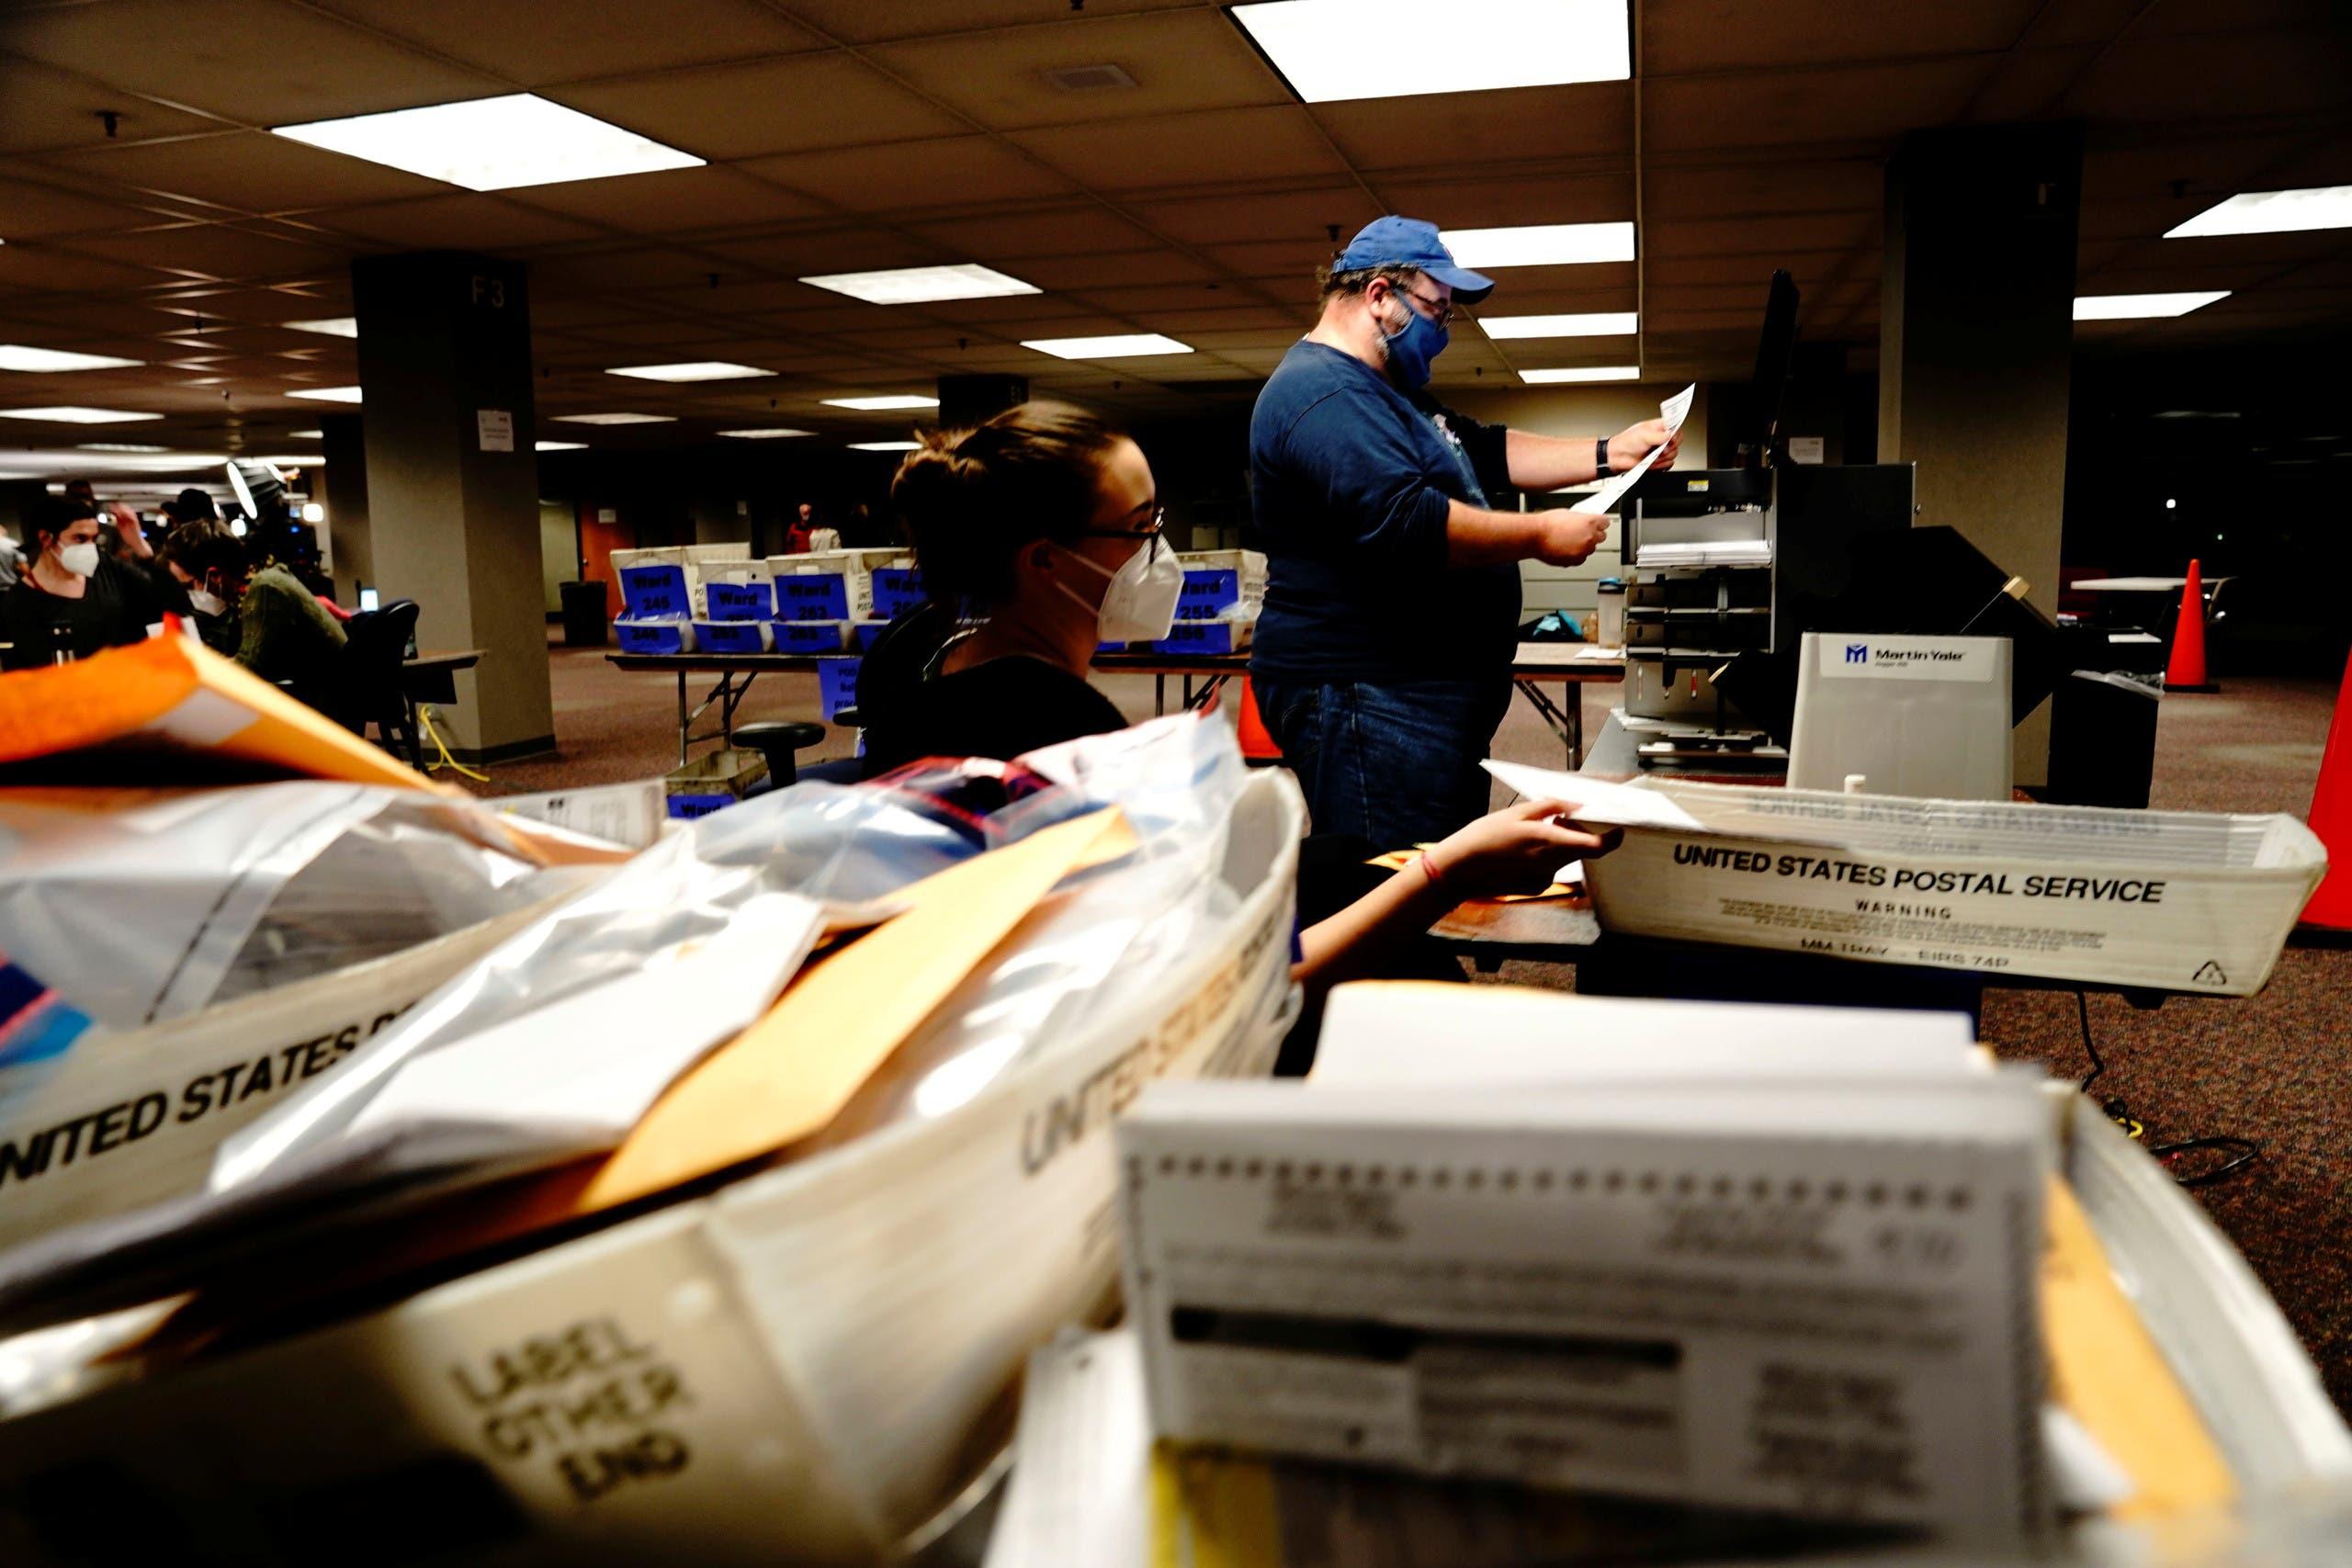 فرز أصوات المنتخبين عبر البريد في ويسكونسن في الانتخابات الماضية